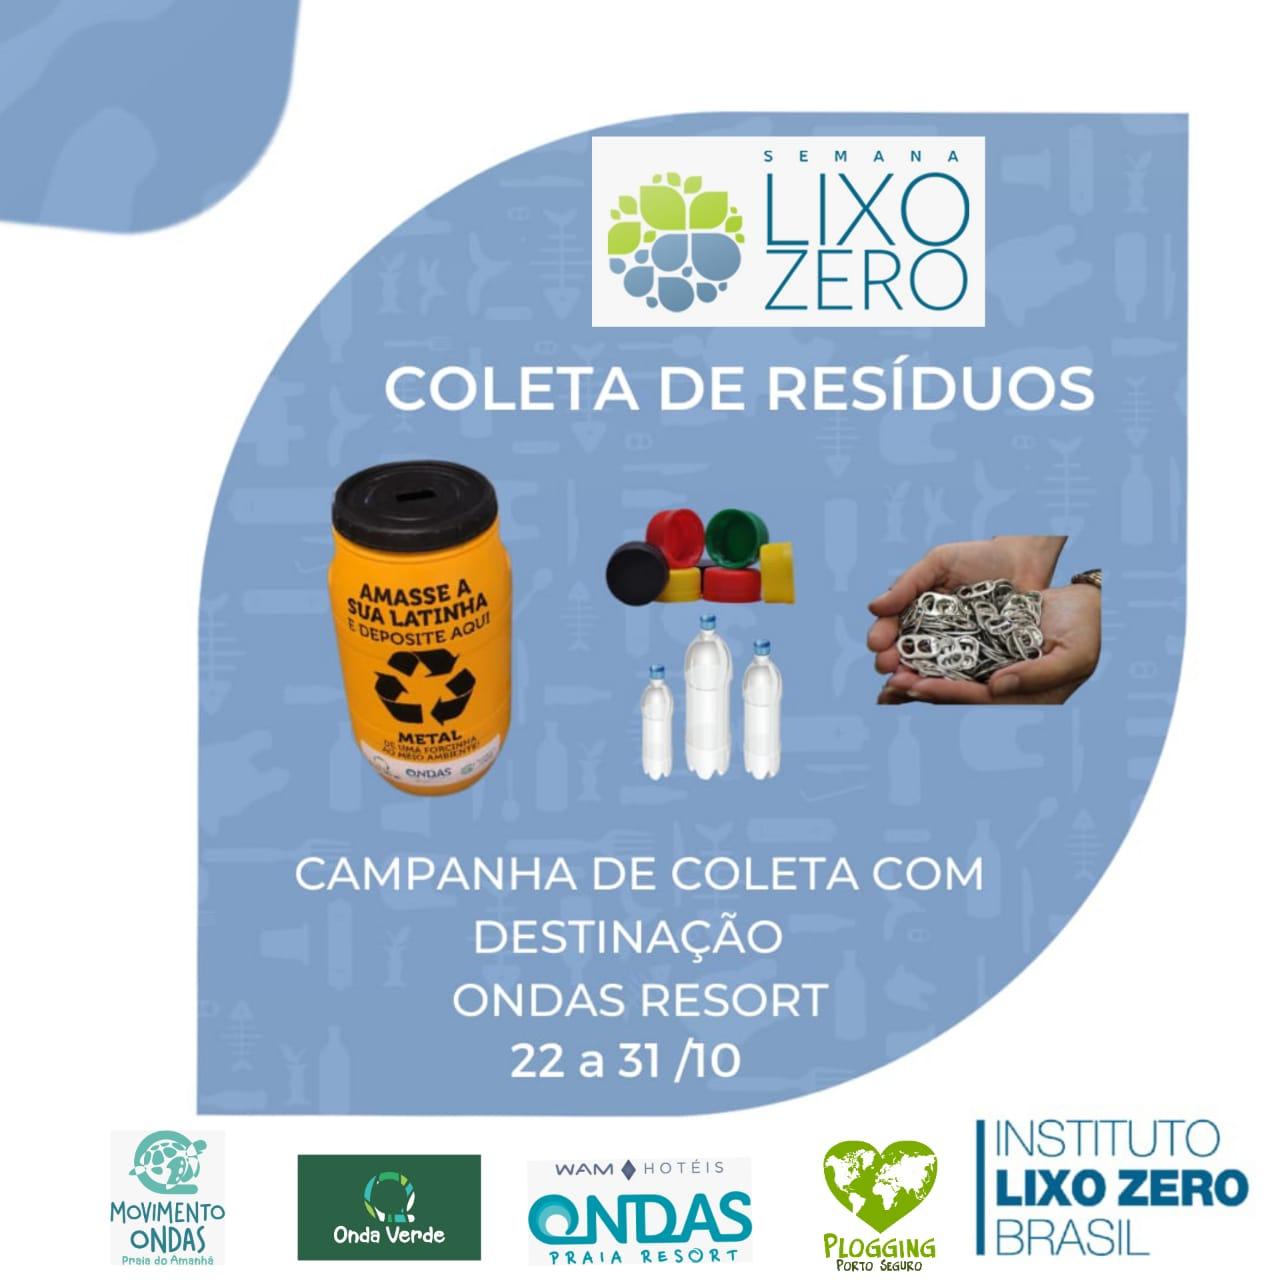 Porto Seguro participará da Semana Lixo Zero, de 22 a 31 de Outubro